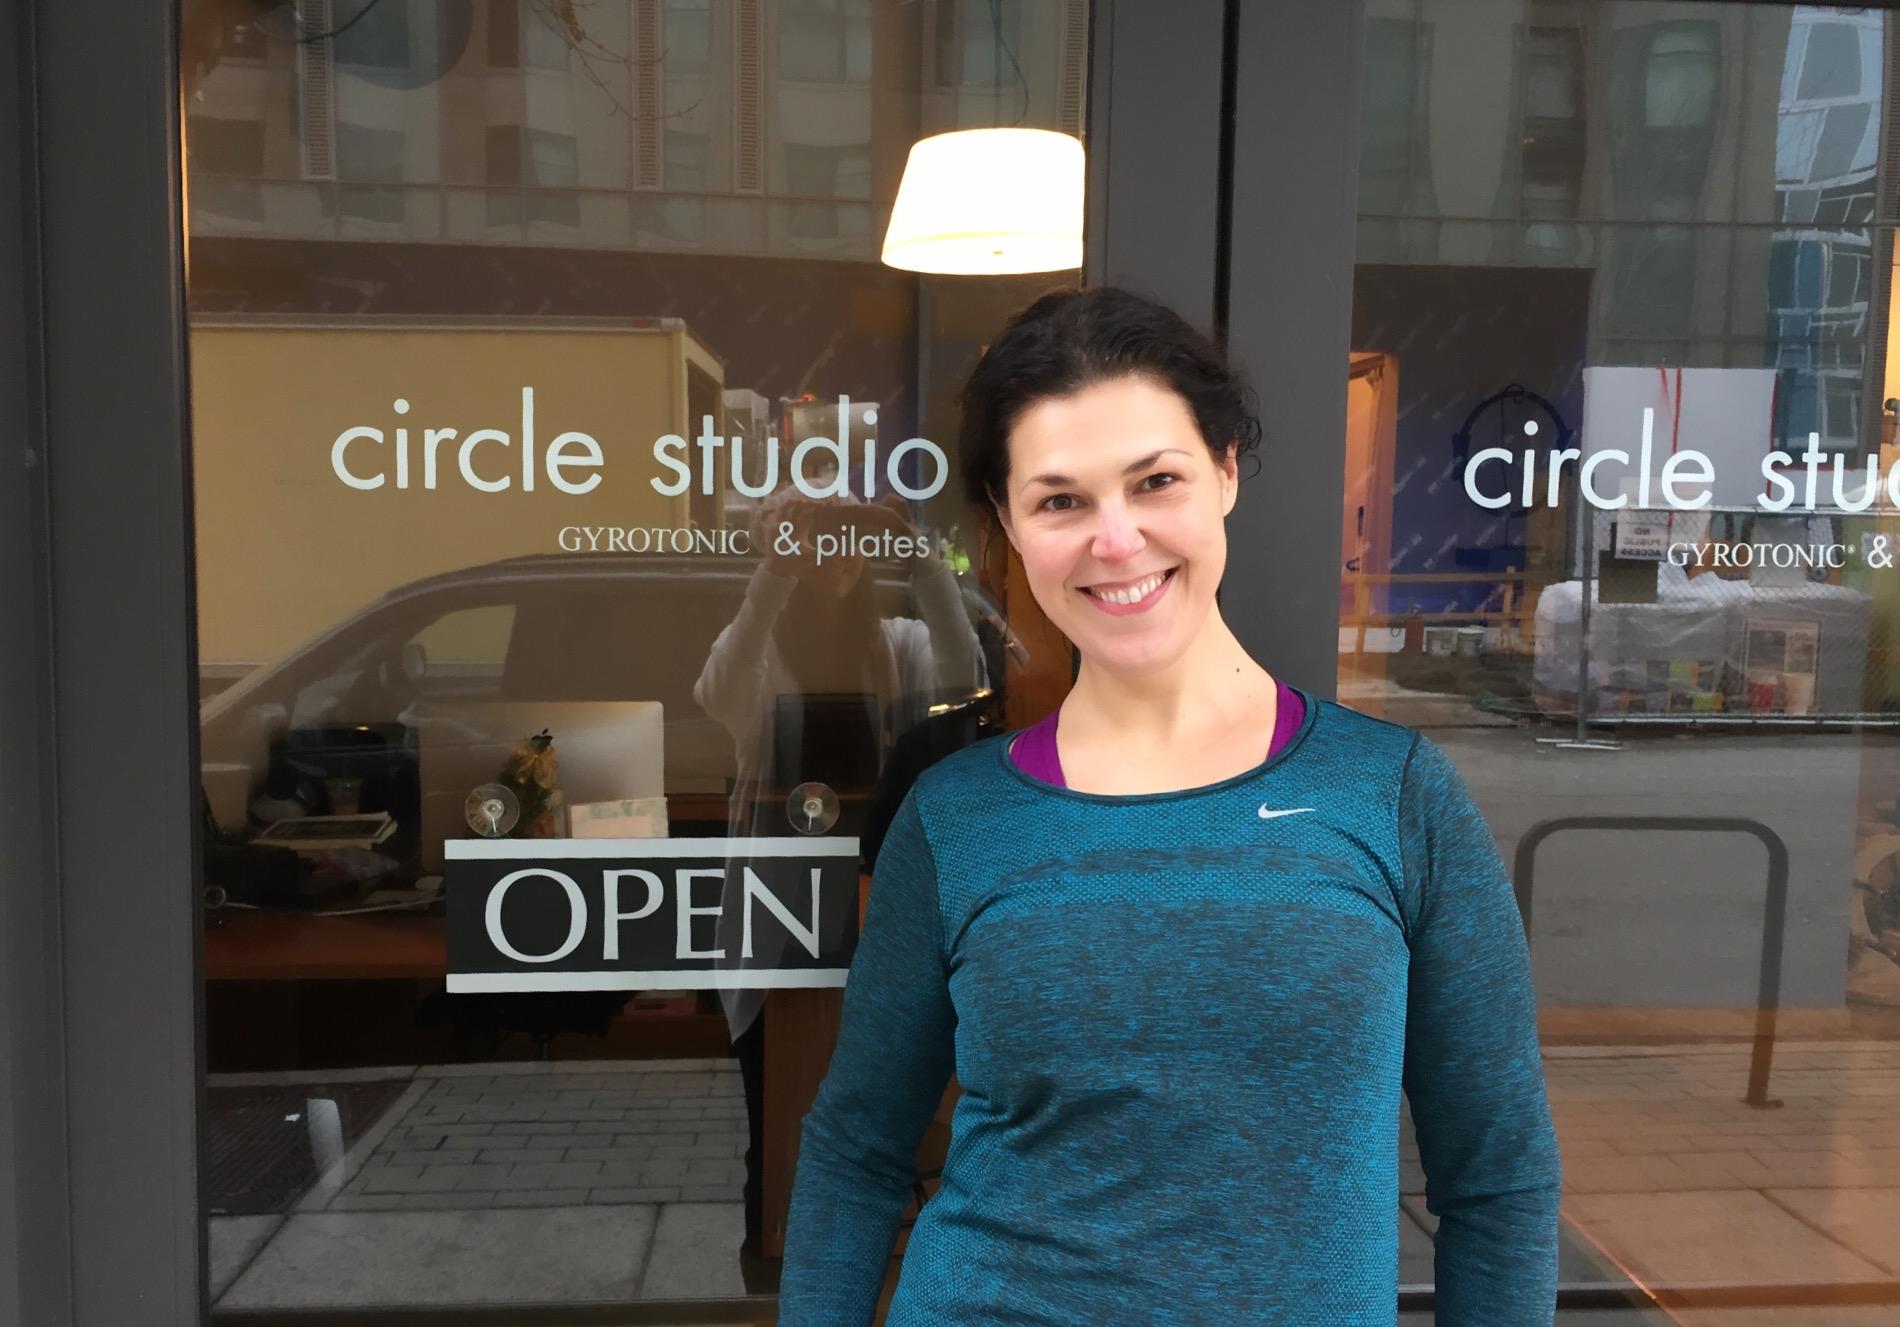 CircleStudioClient